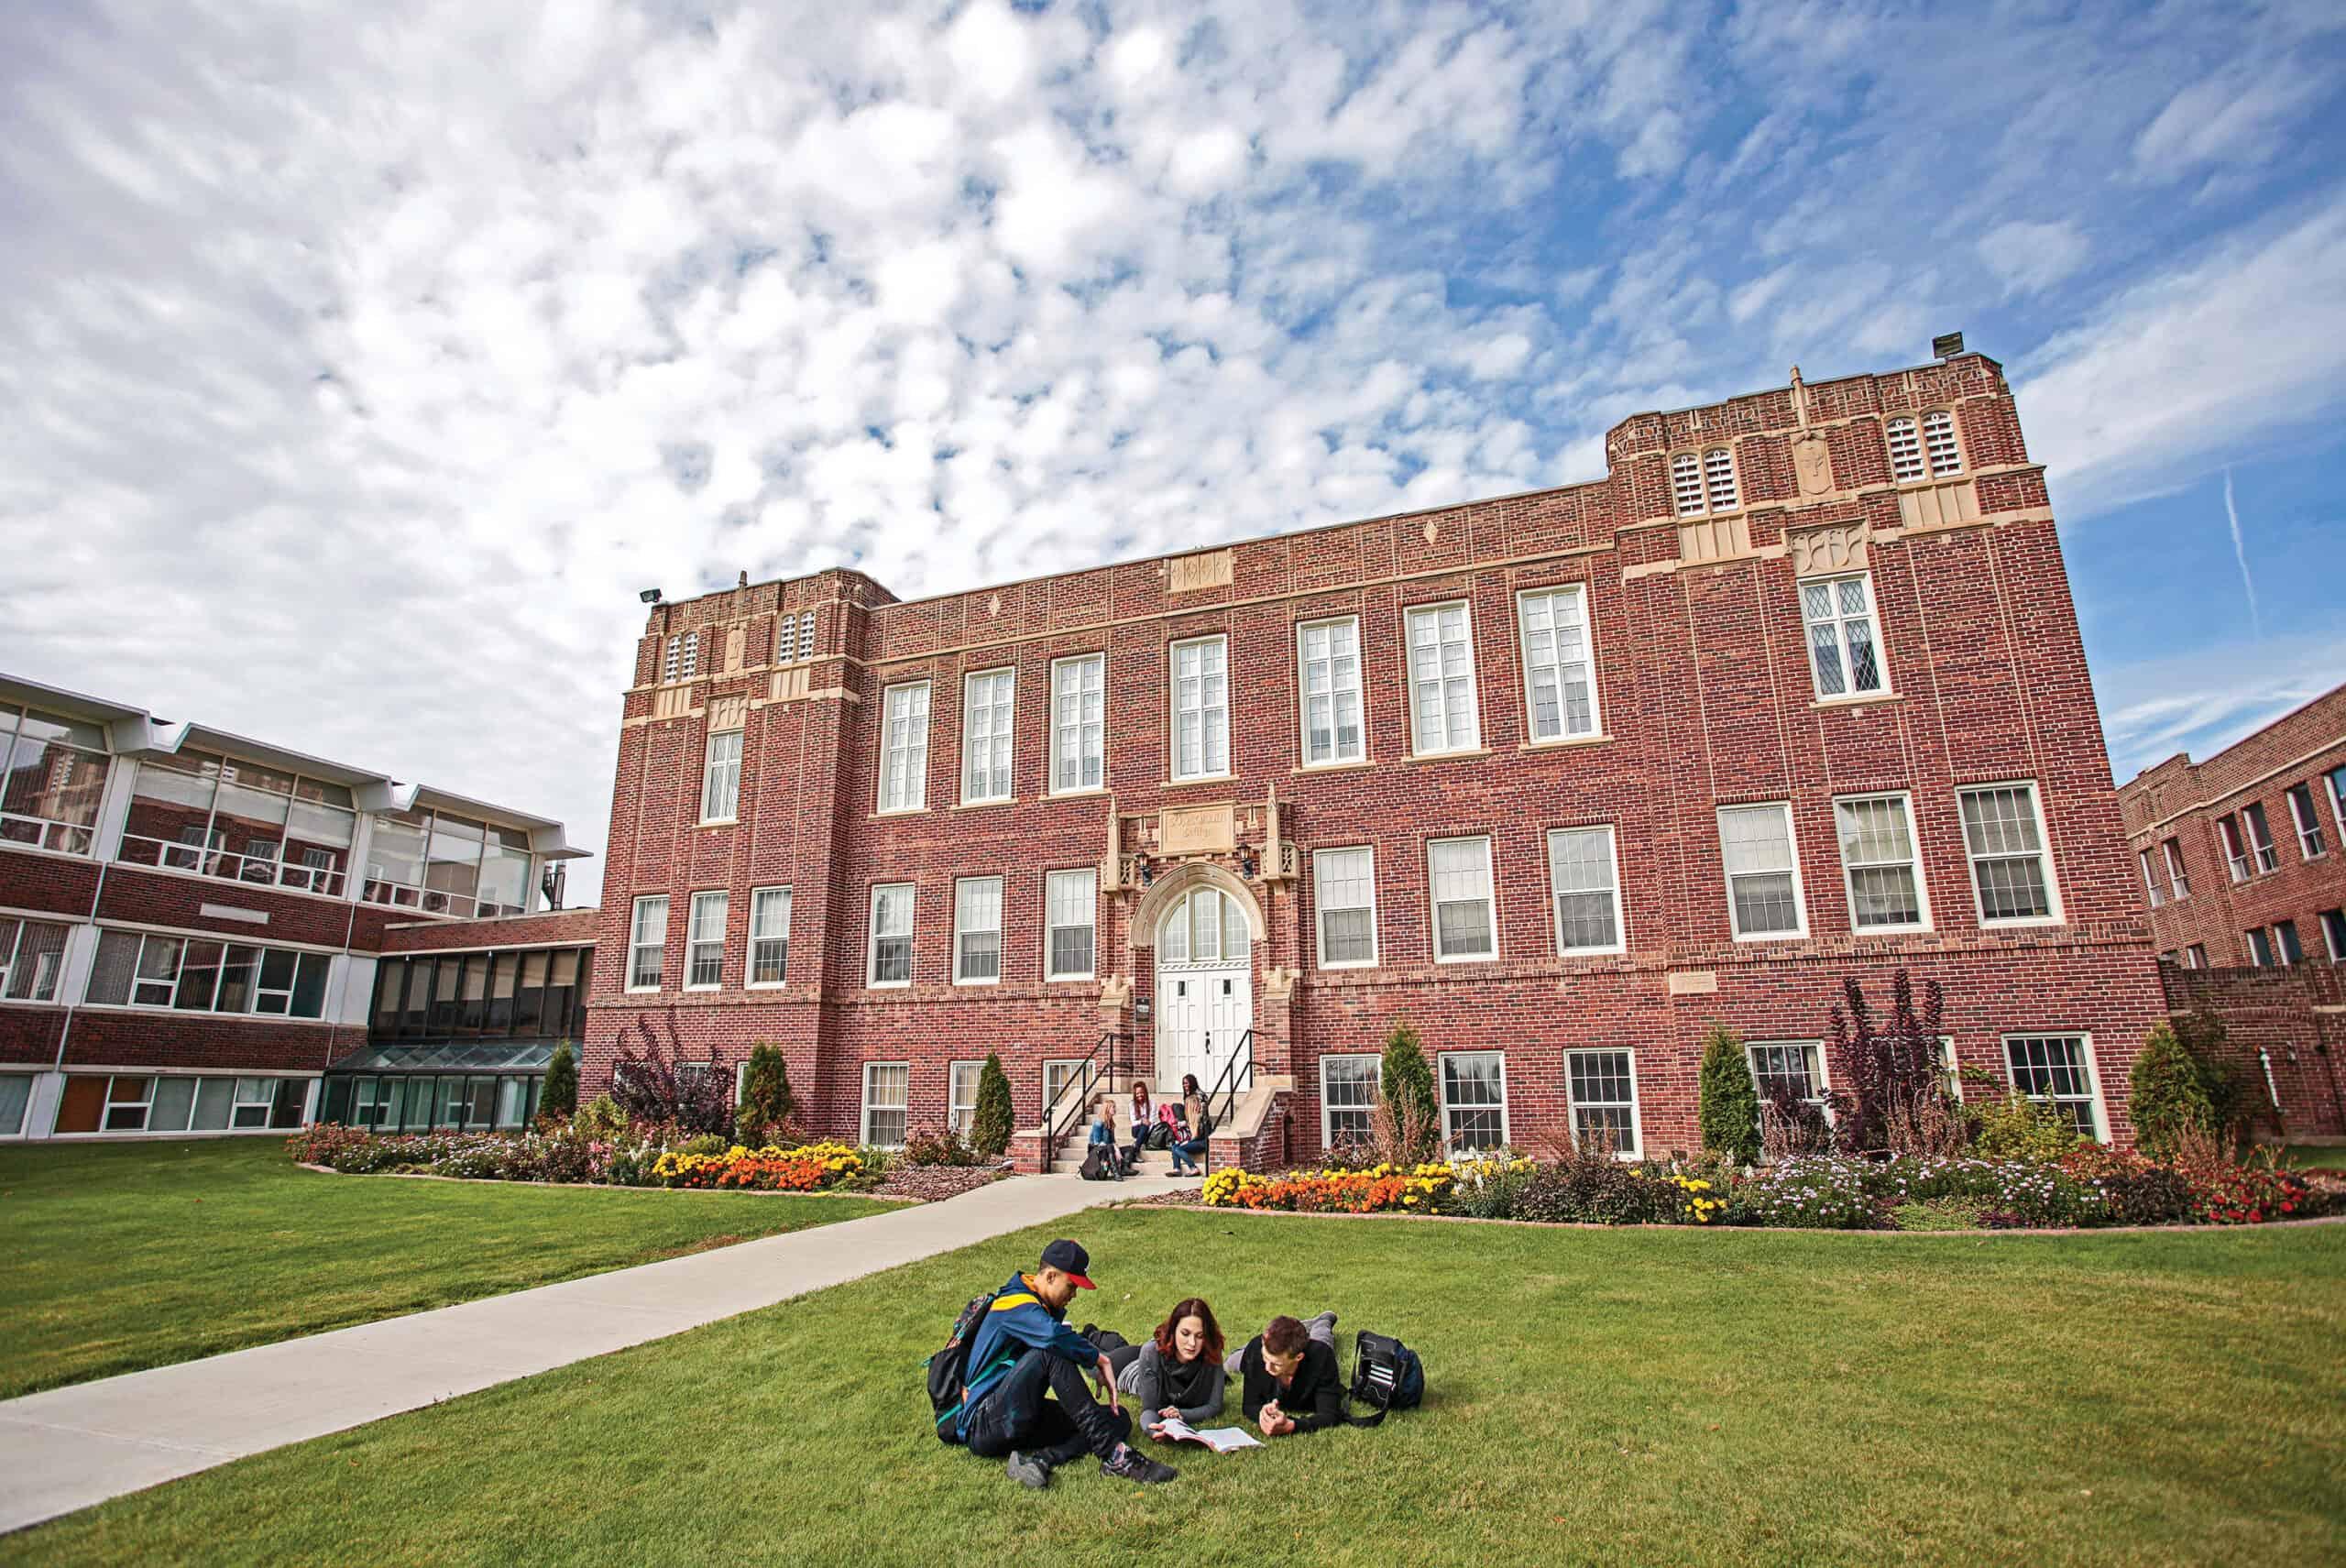 Students on Concordia University of Edmonton campus